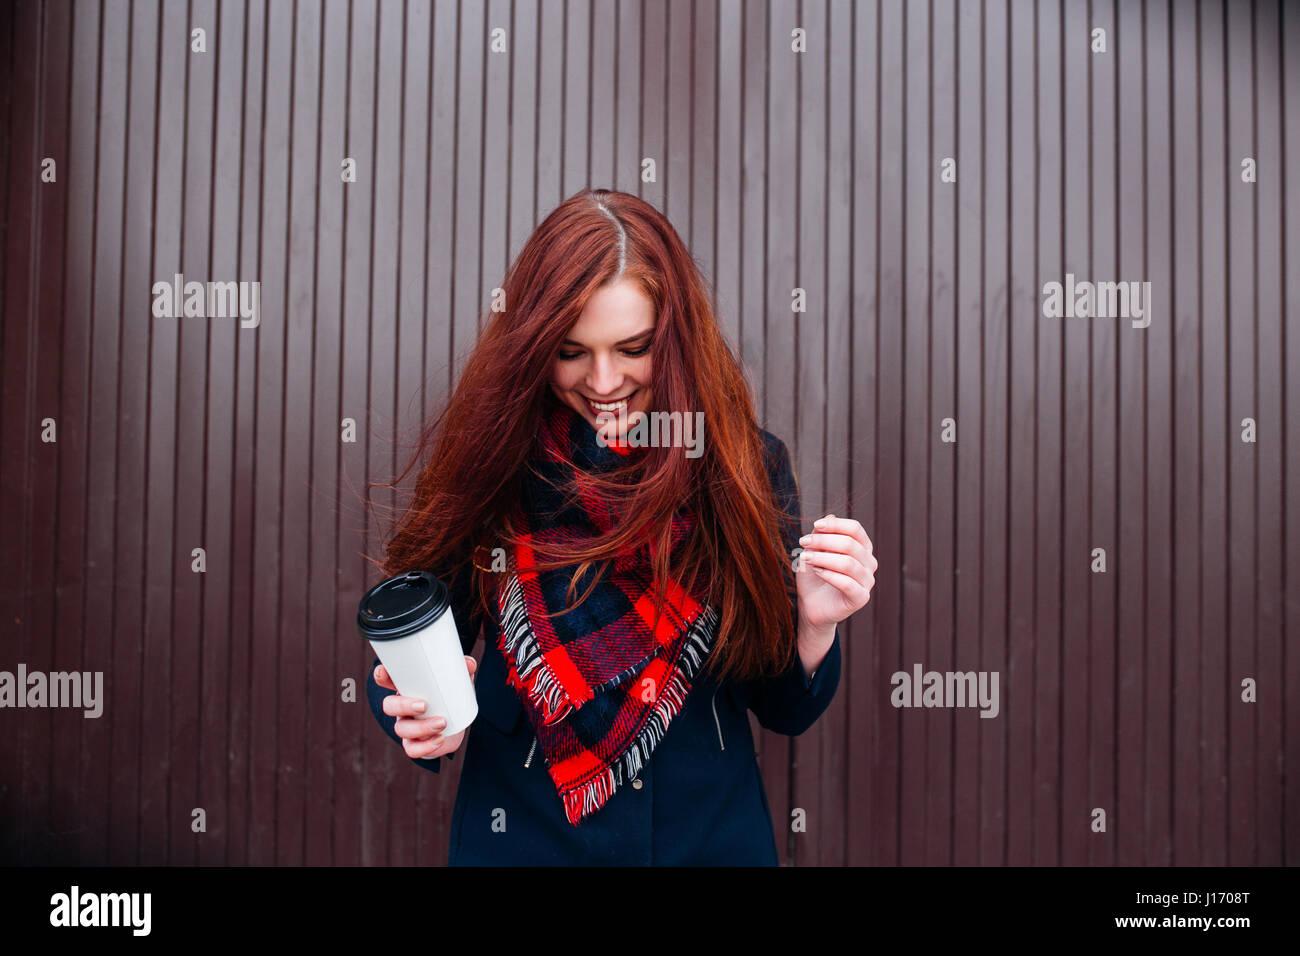 Schöne glückliche junge Frau hält einen Pappbecher und Kaffee trinken. Fröhliche Frau mit roten Stockbild